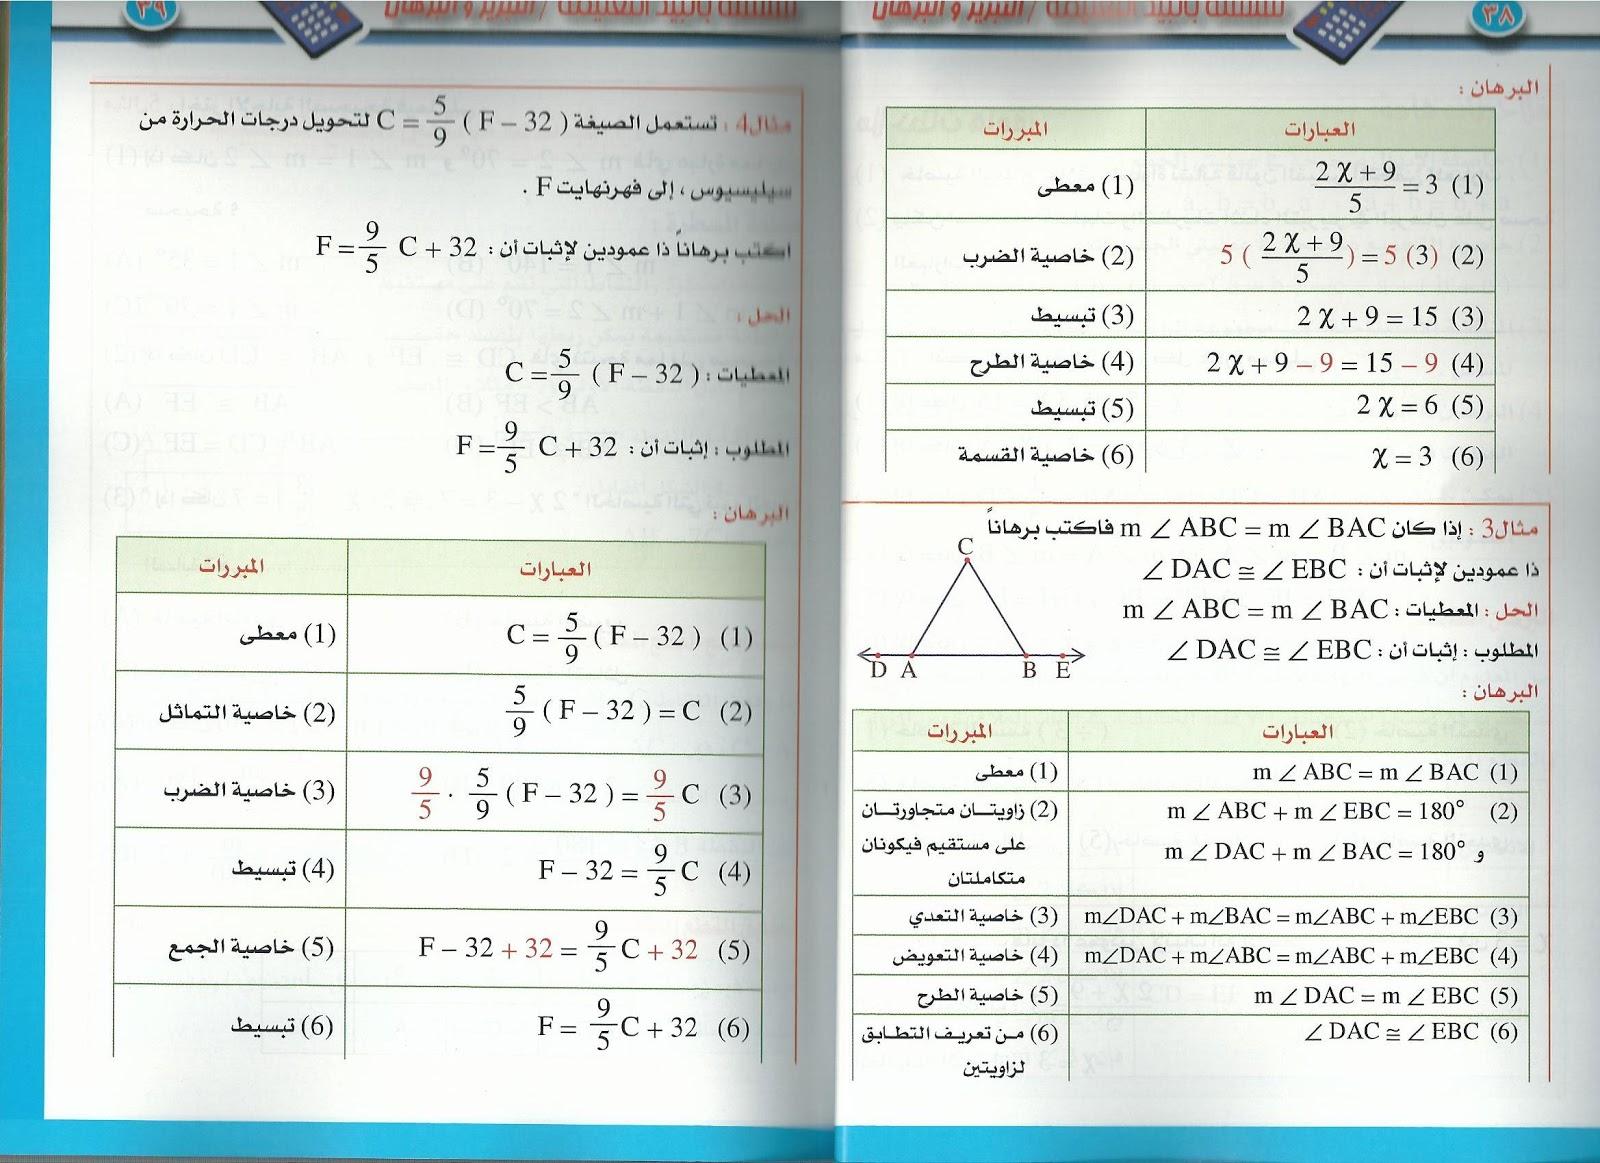 كتاب تحصيل 2 للمناهج المطورة pdf